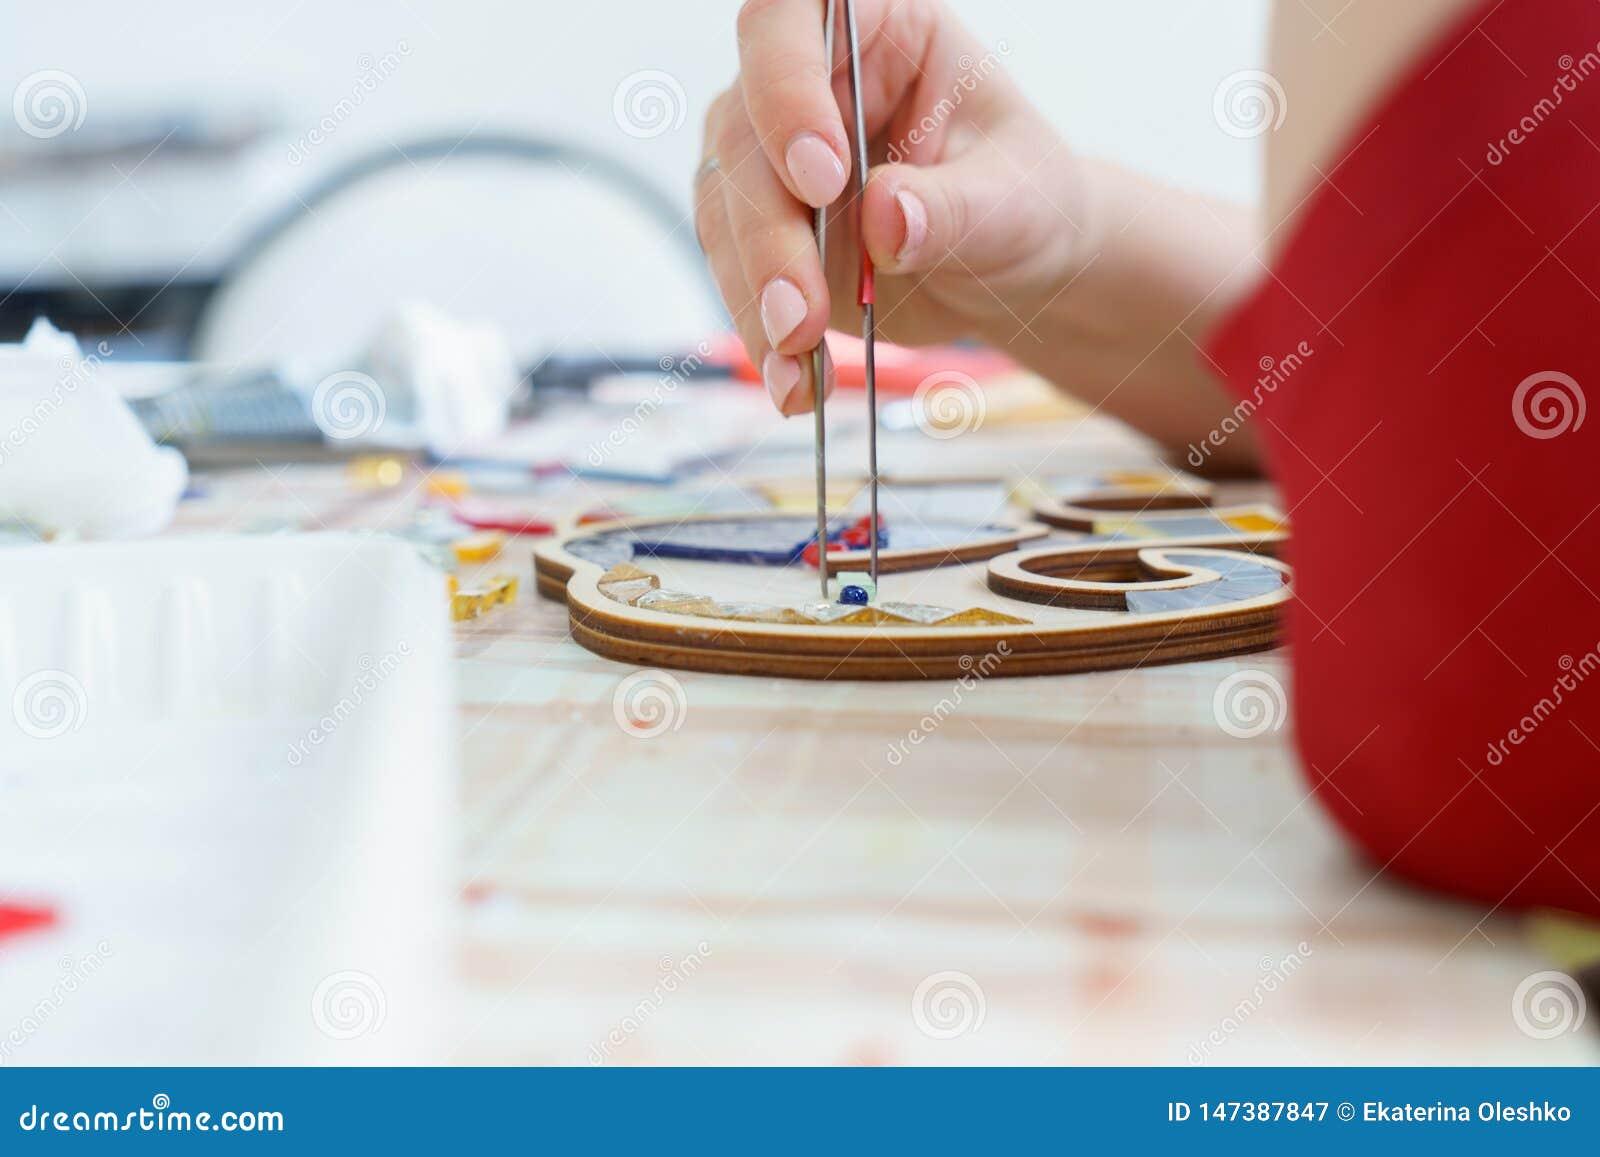 Artista femminile delle mani raccogliere mosaico vicino su